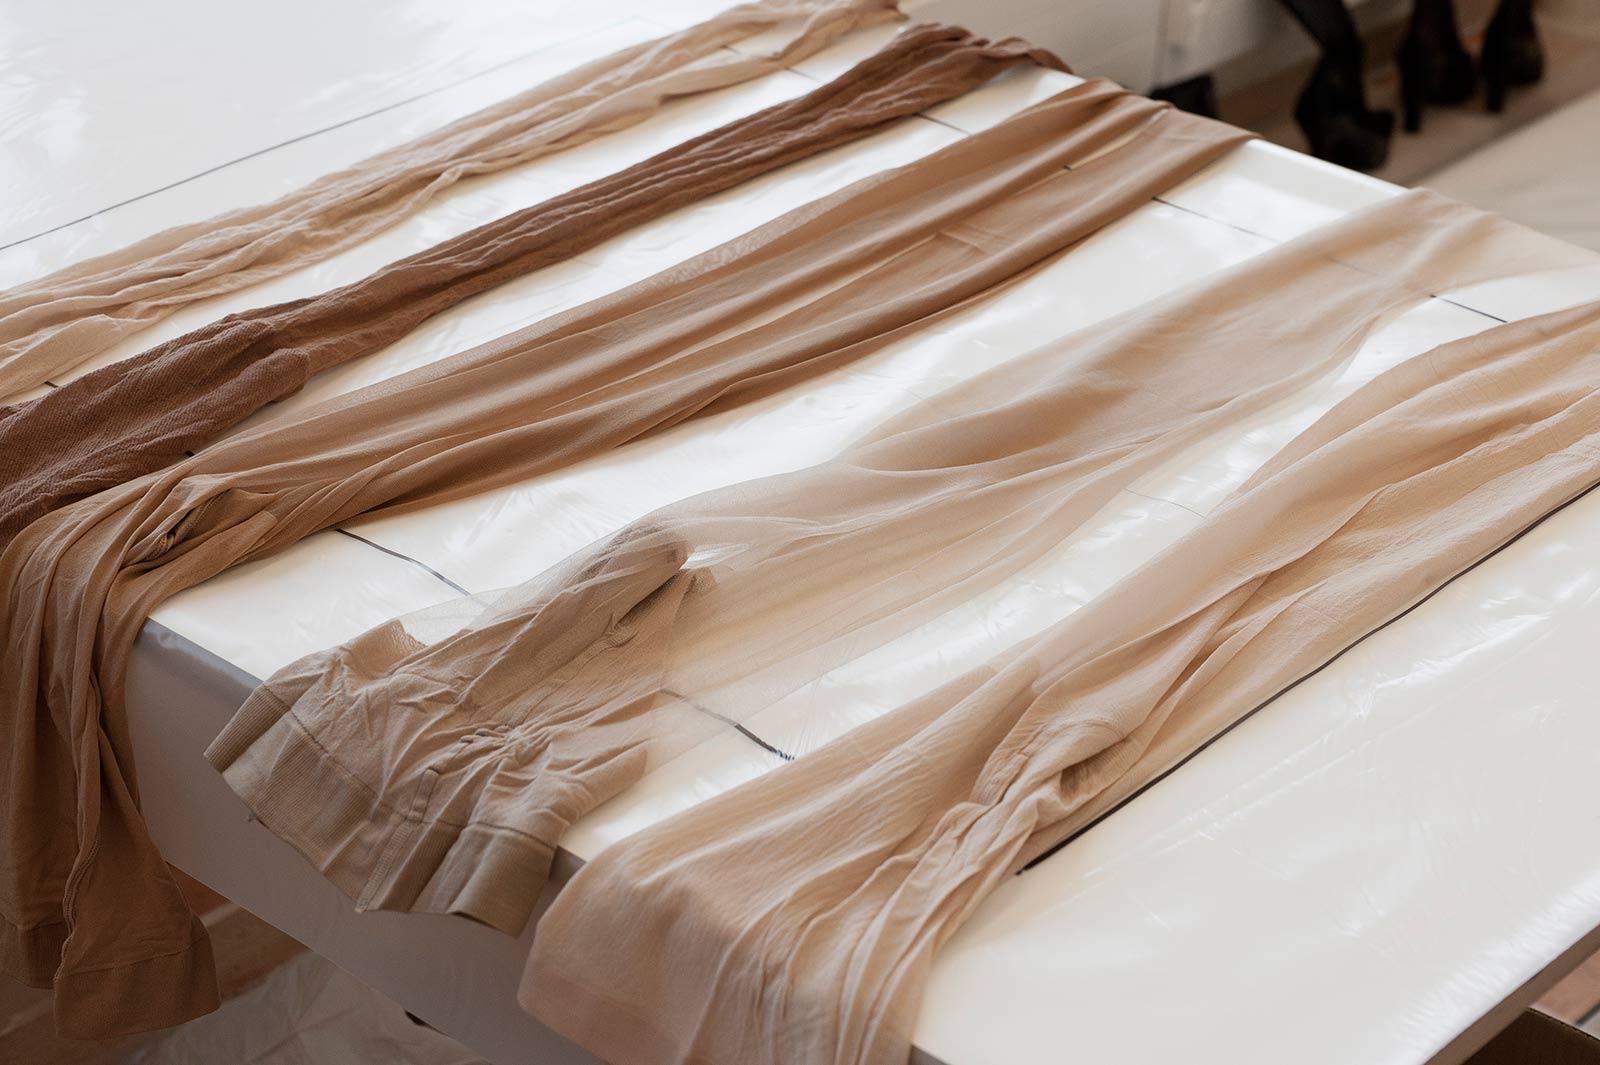 Strümpfe mit verschiedenen Brauntöne und Garnstärken liegen auf dem Arbeitstisch im Atelier